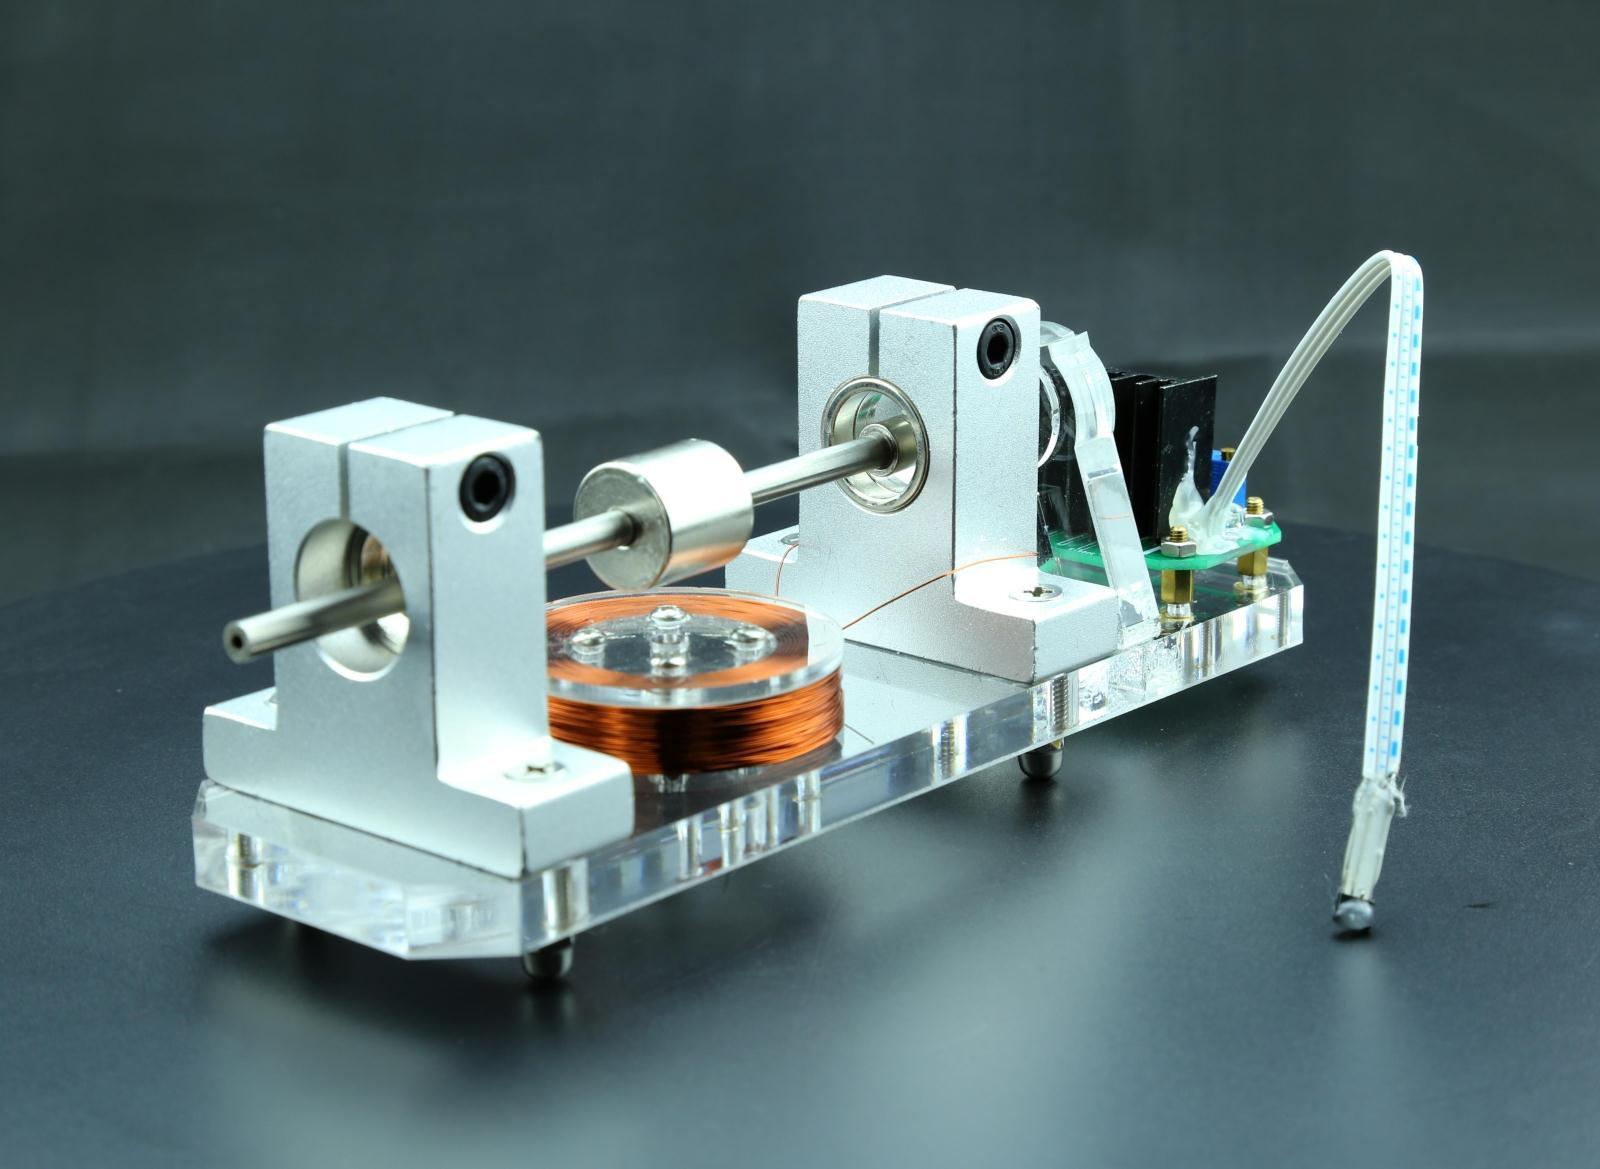 Holzer Motor High Speed Motor, Brushless Motor 2W Per Minute